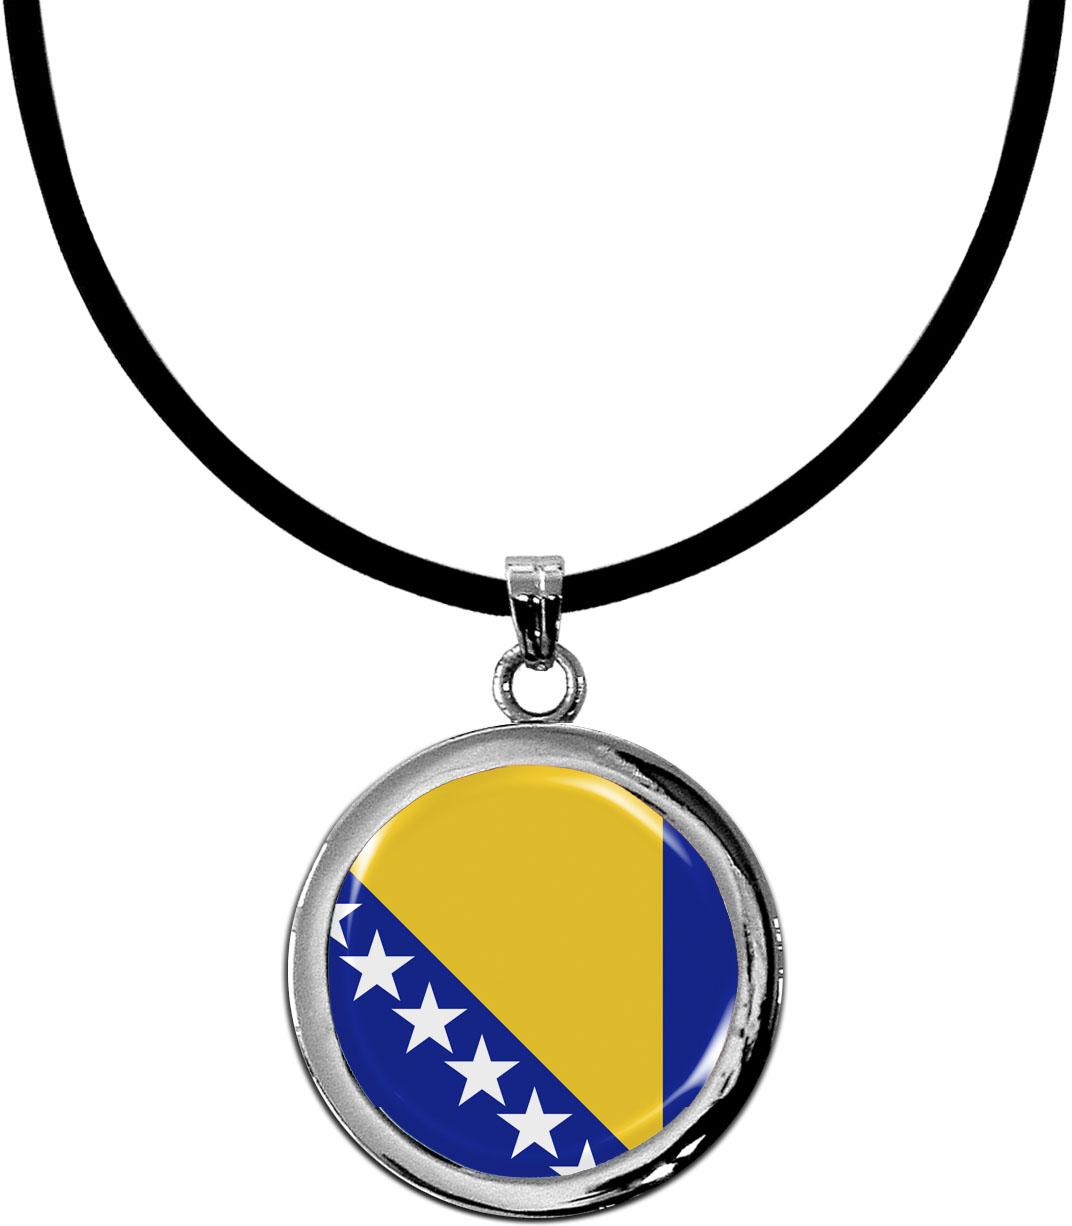 Kettenanhänger / Bosnien - Herzegowina / Silikonband mit Silberverschluss